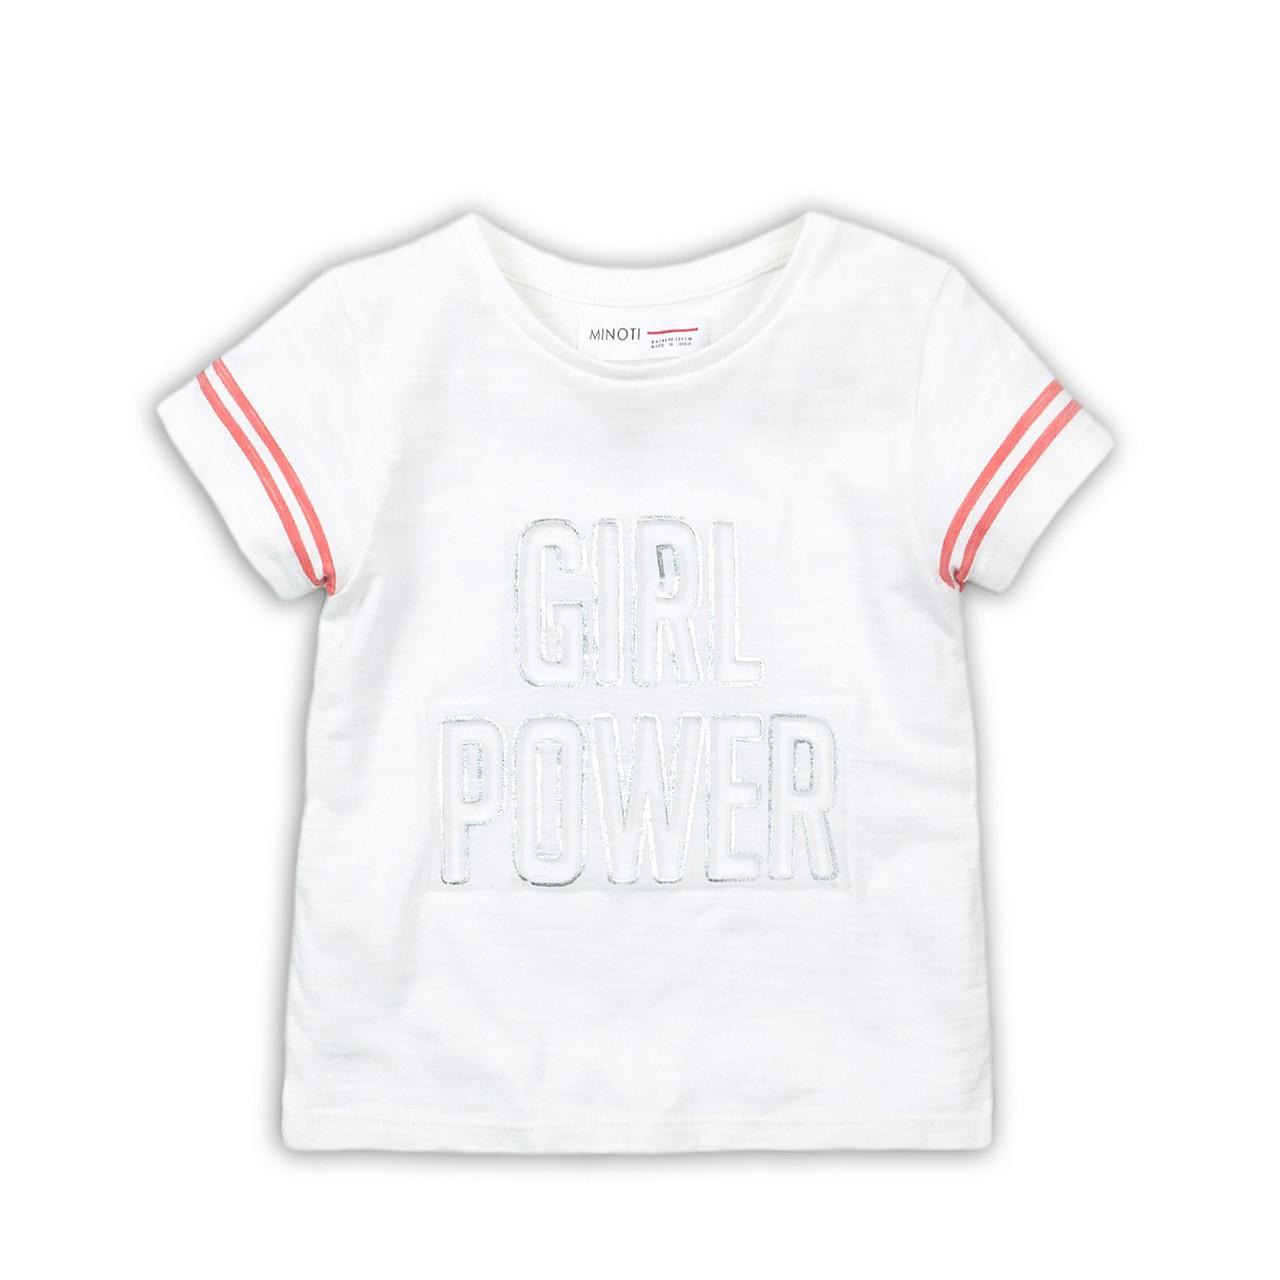 Детская футболка для девочки с надписью, Minoti 1/1,5 года, 74/86 см